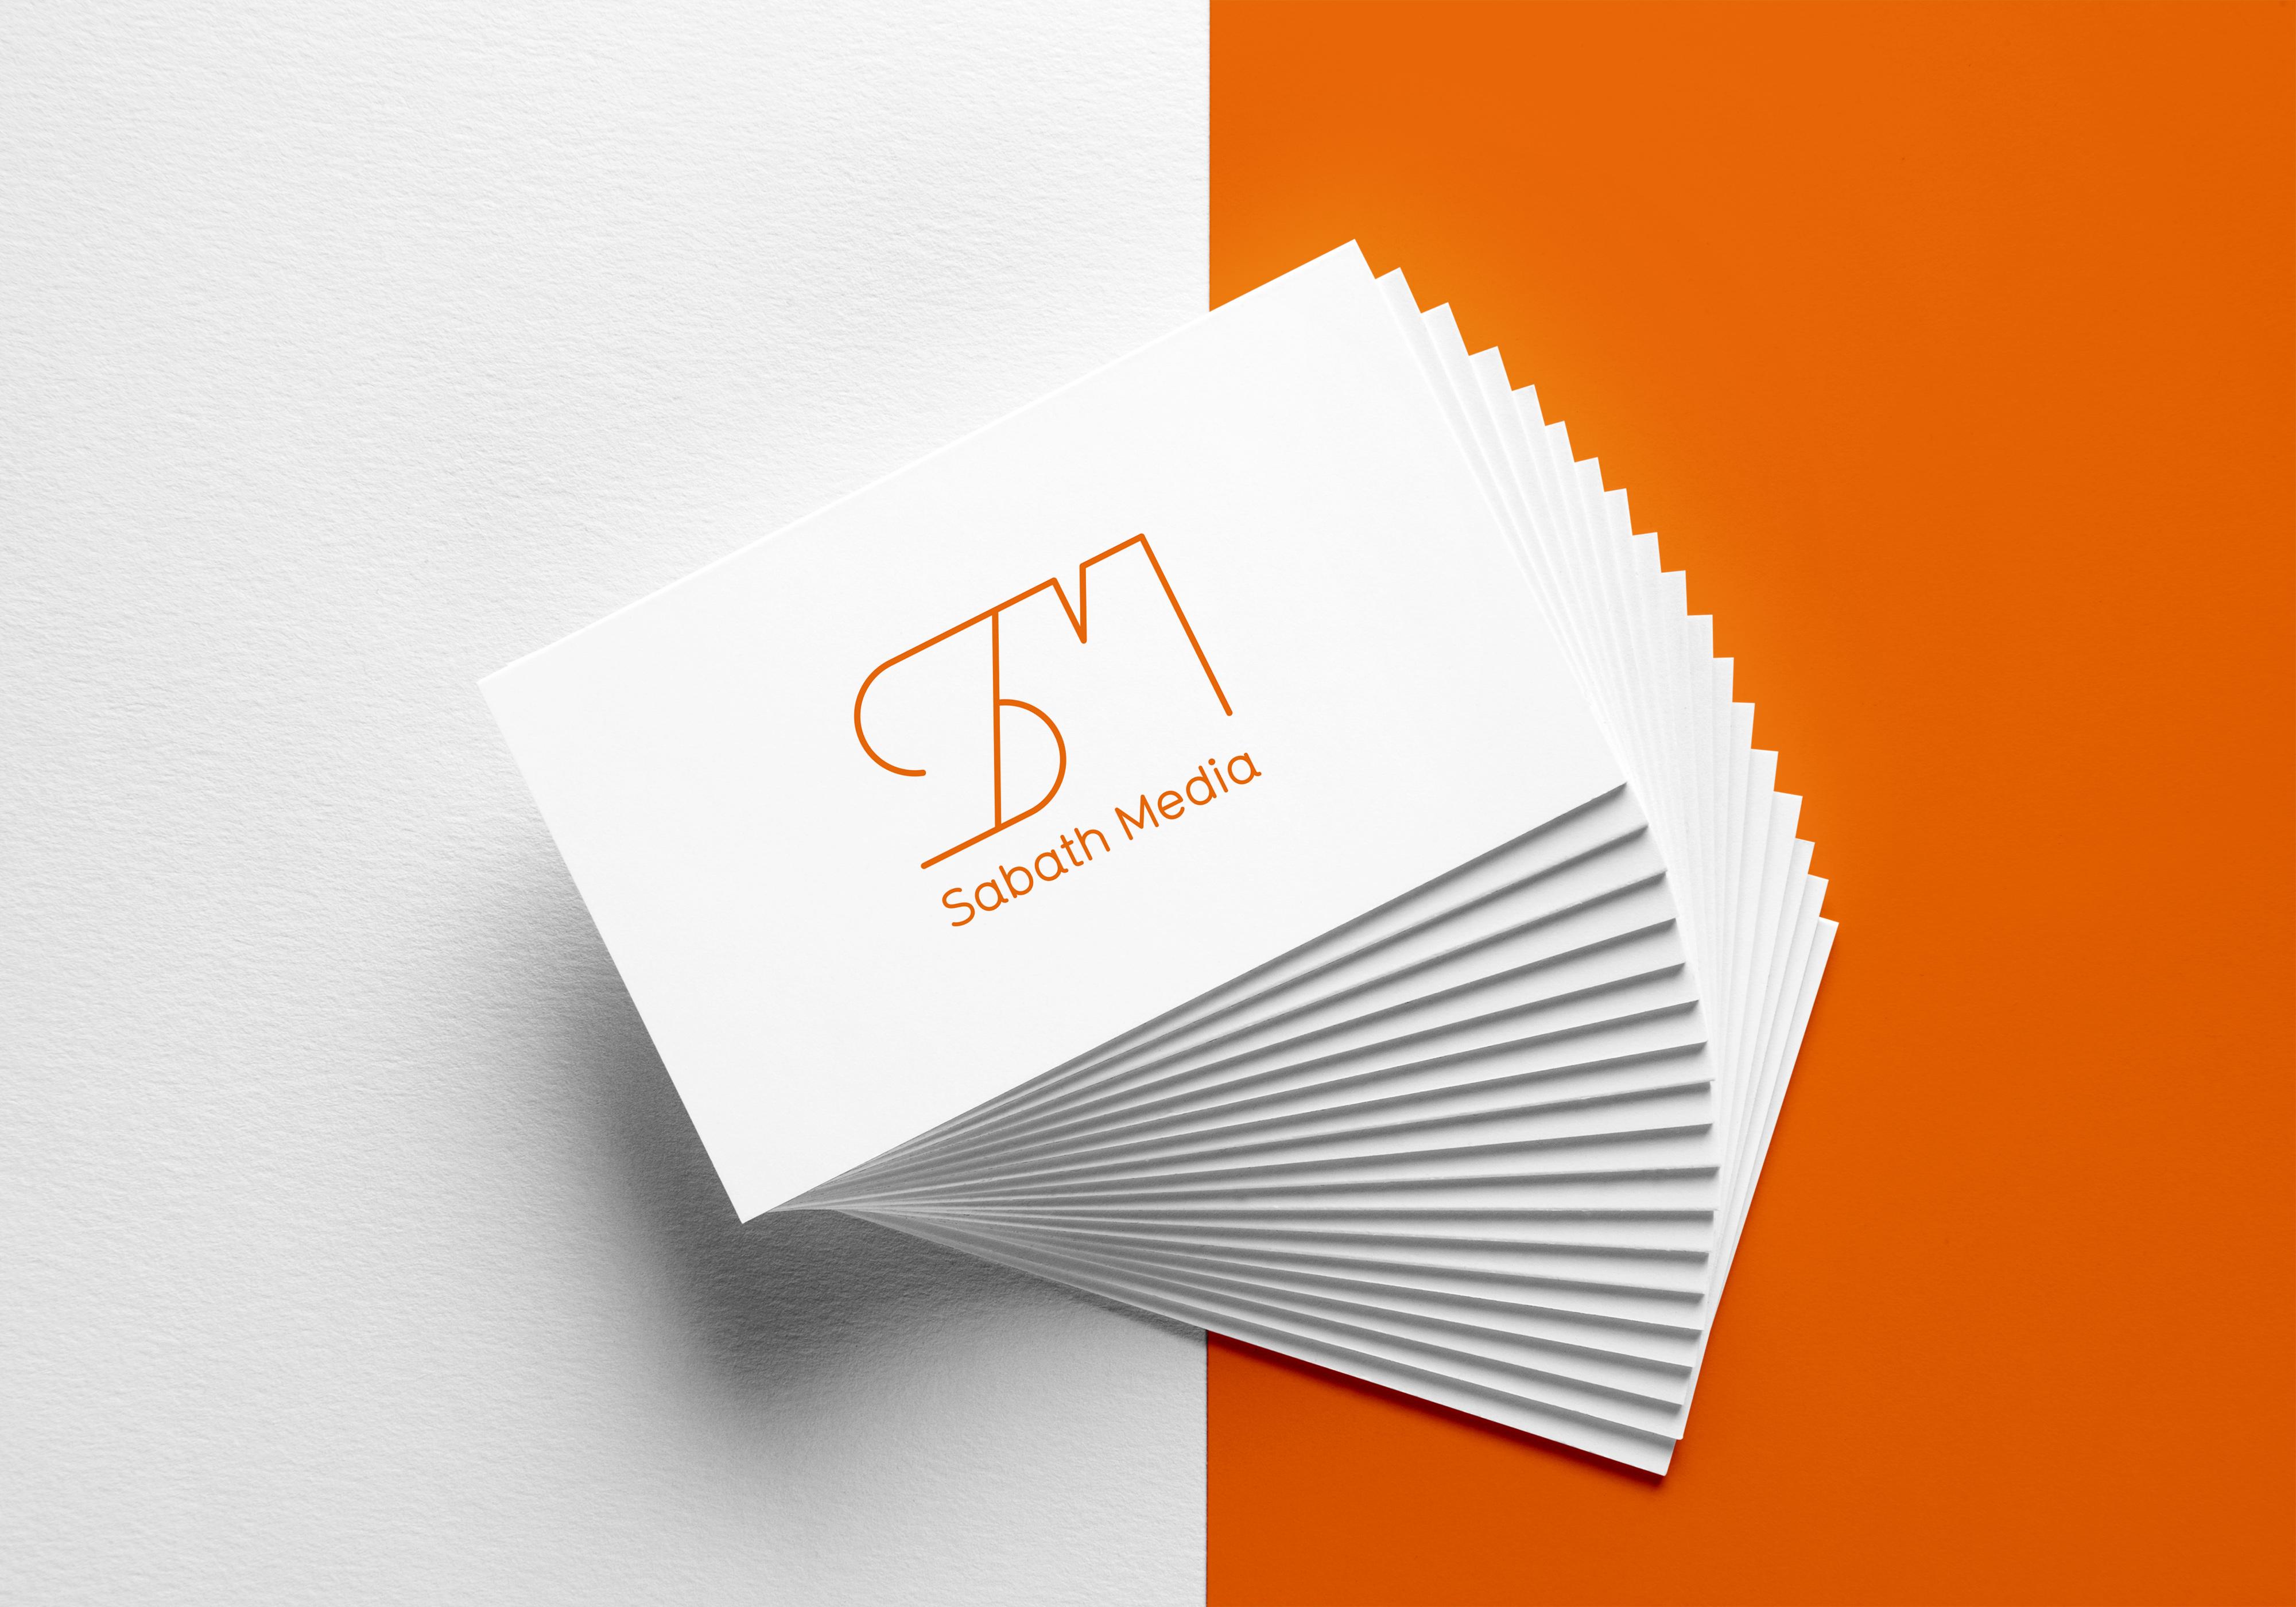 Sabath Media Blog - Das Geheimnis eines guten Logos - Bild 1